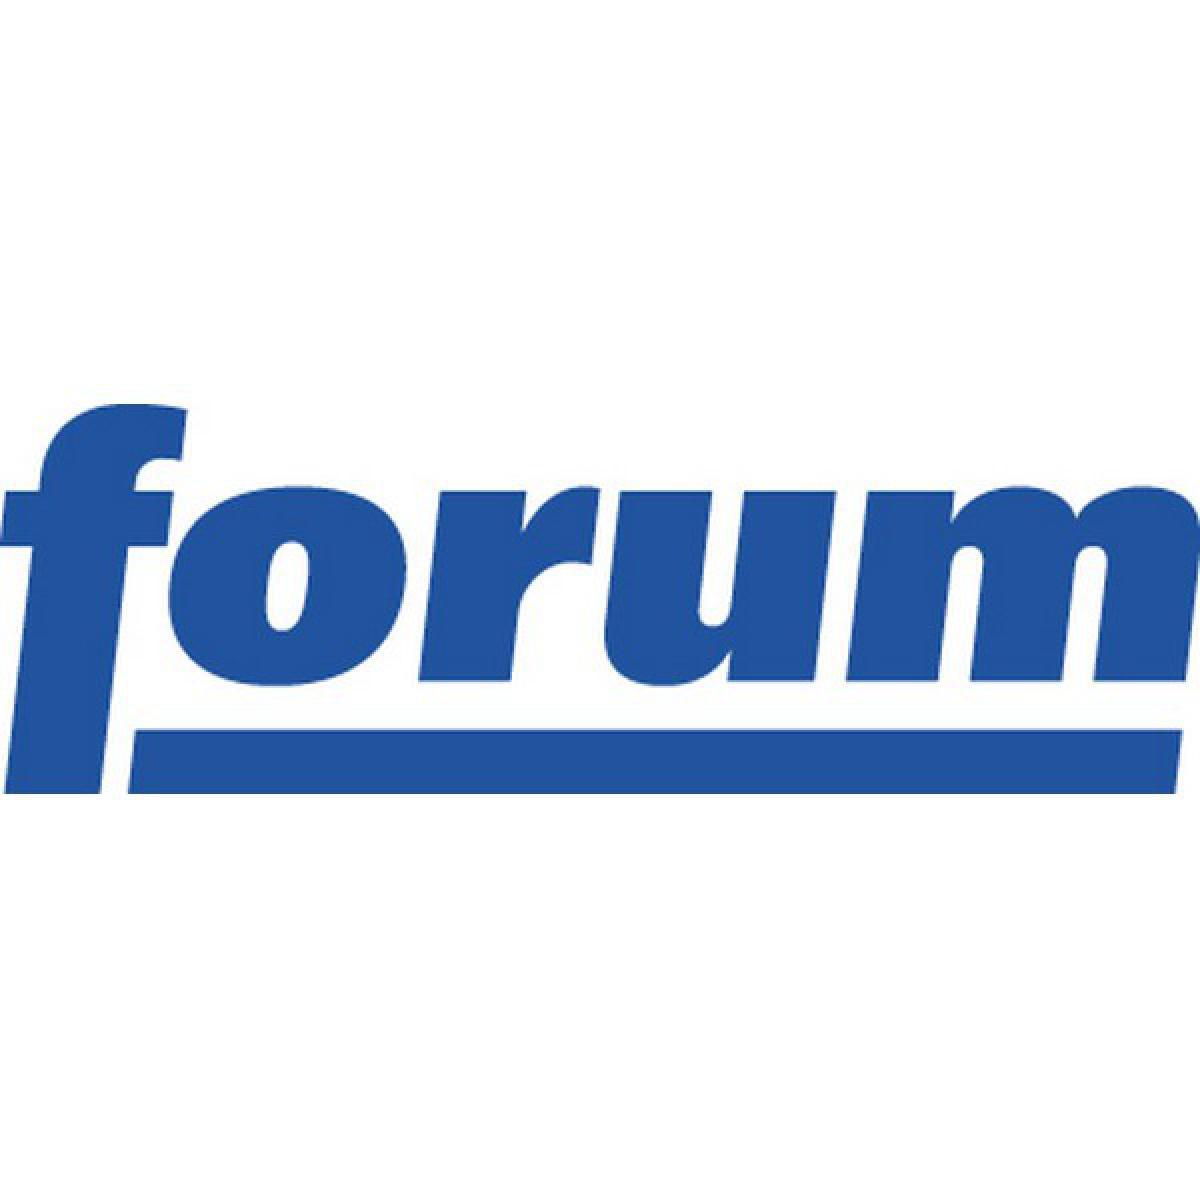 Forum Lame de rechange en acier inoxydable pour cisailles à tuyaux en matière plastique